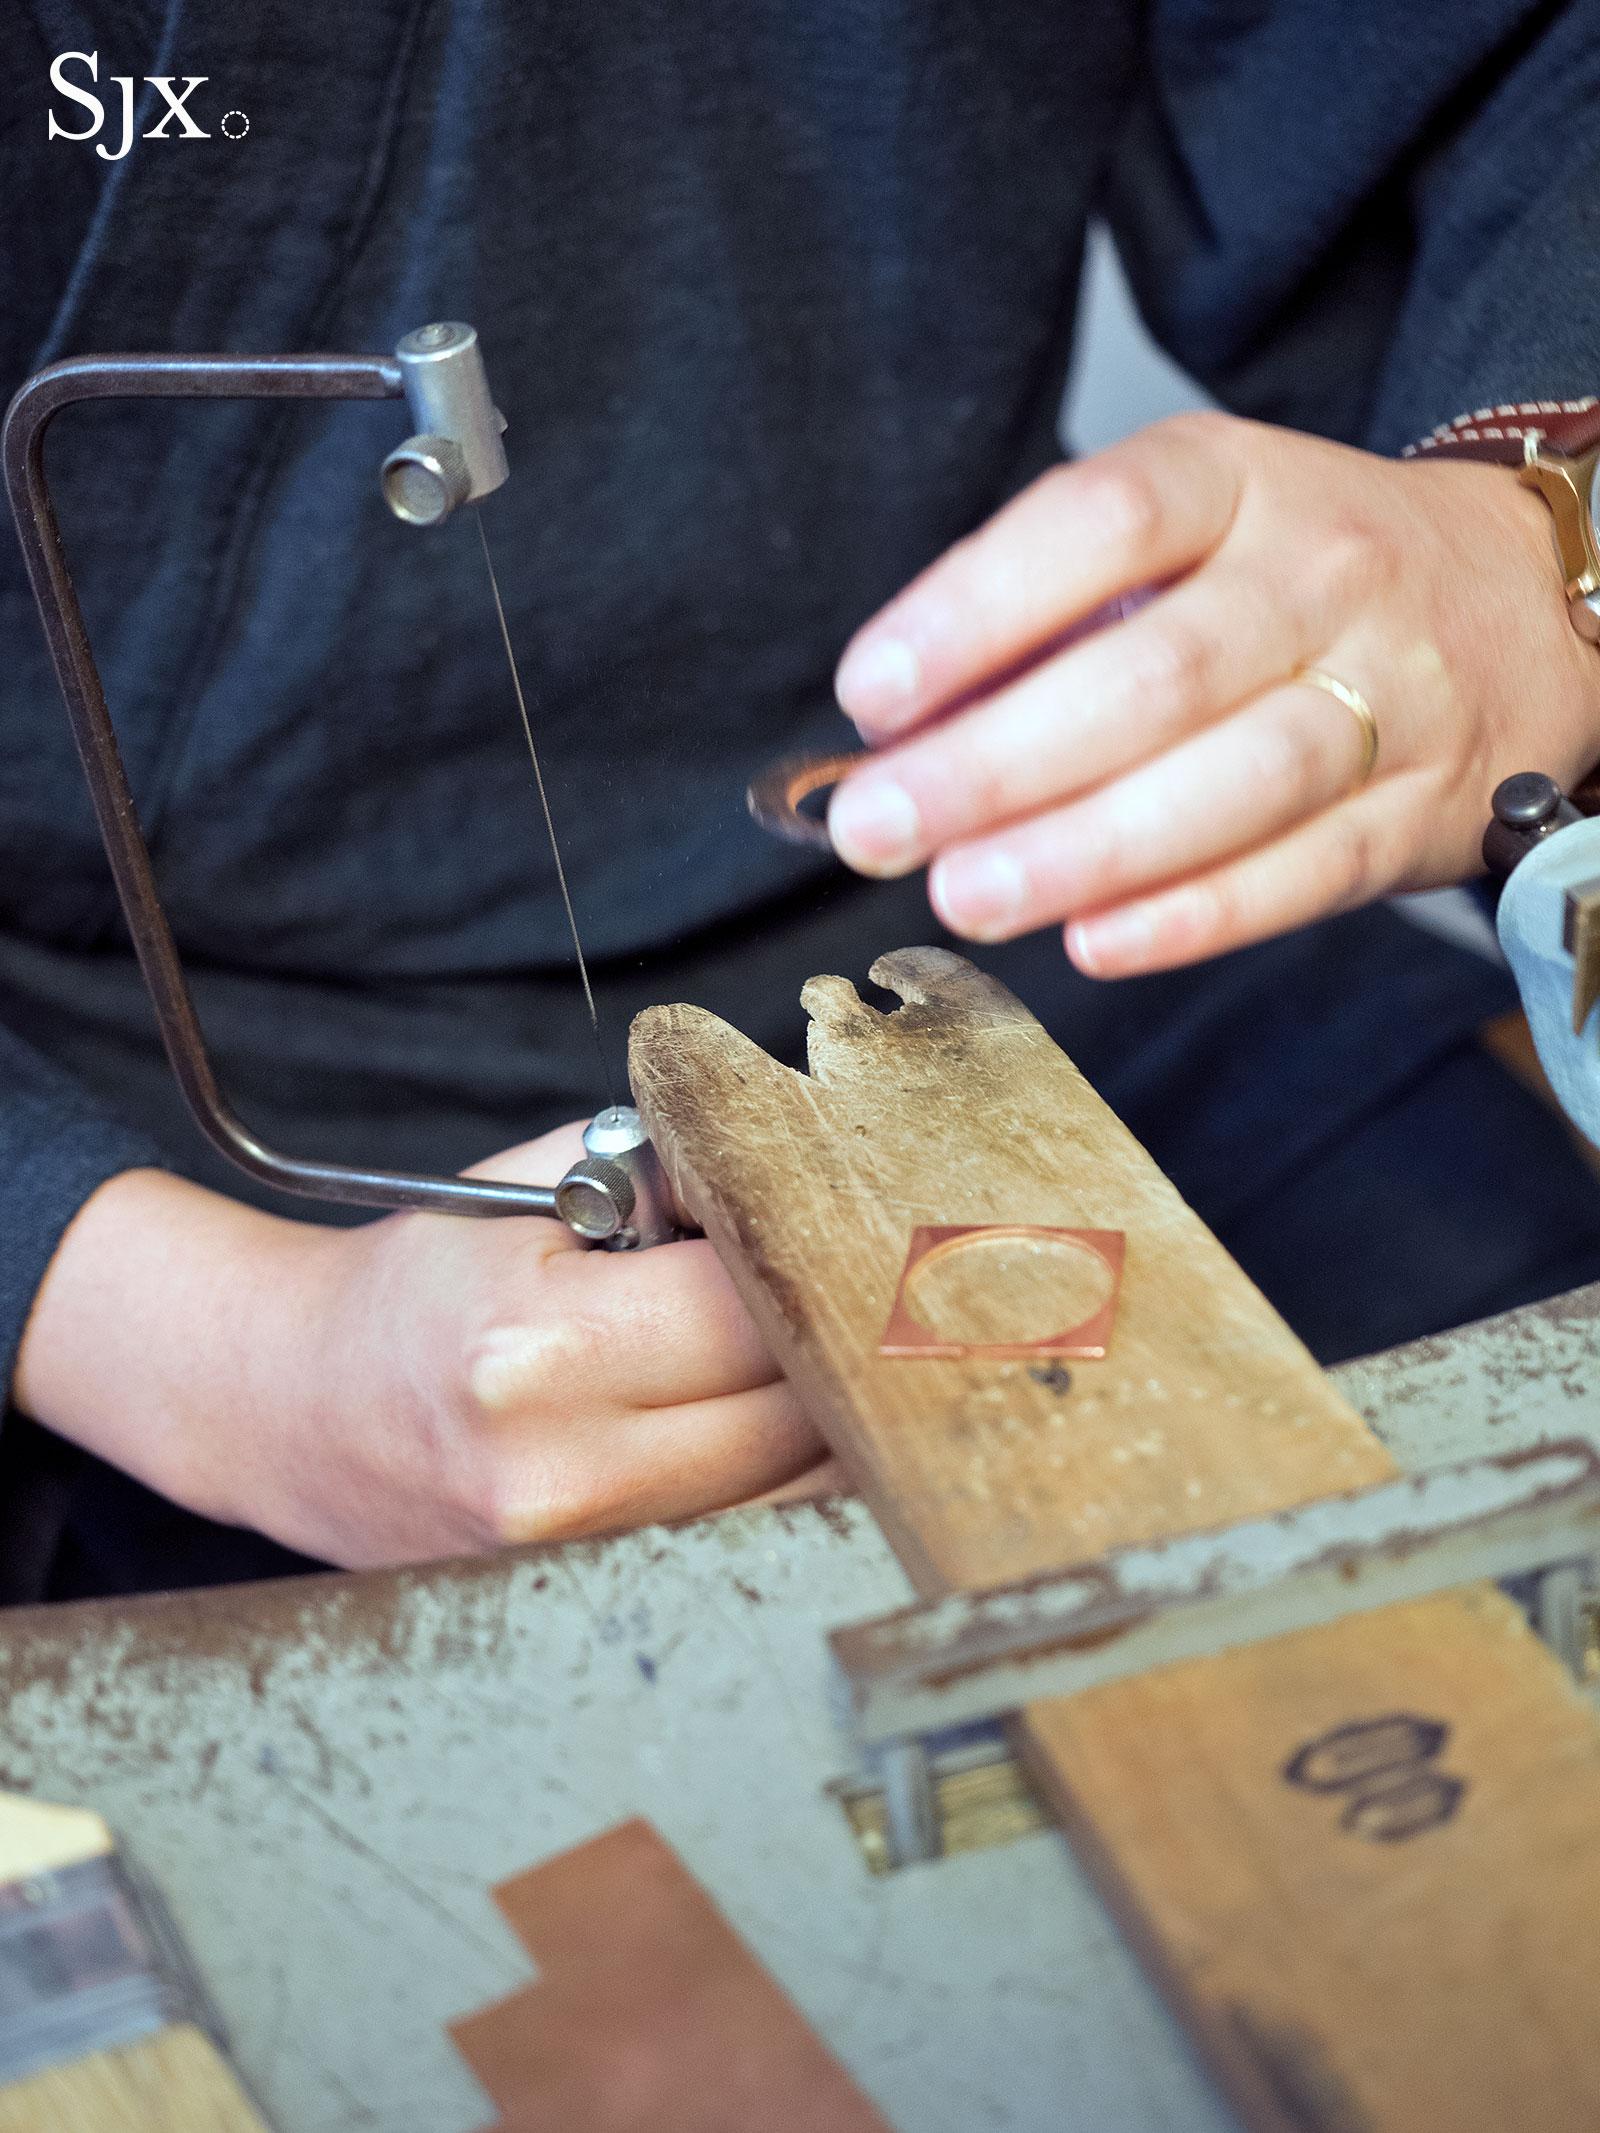 Masahiro Kikuno Japanese watchmaker 29